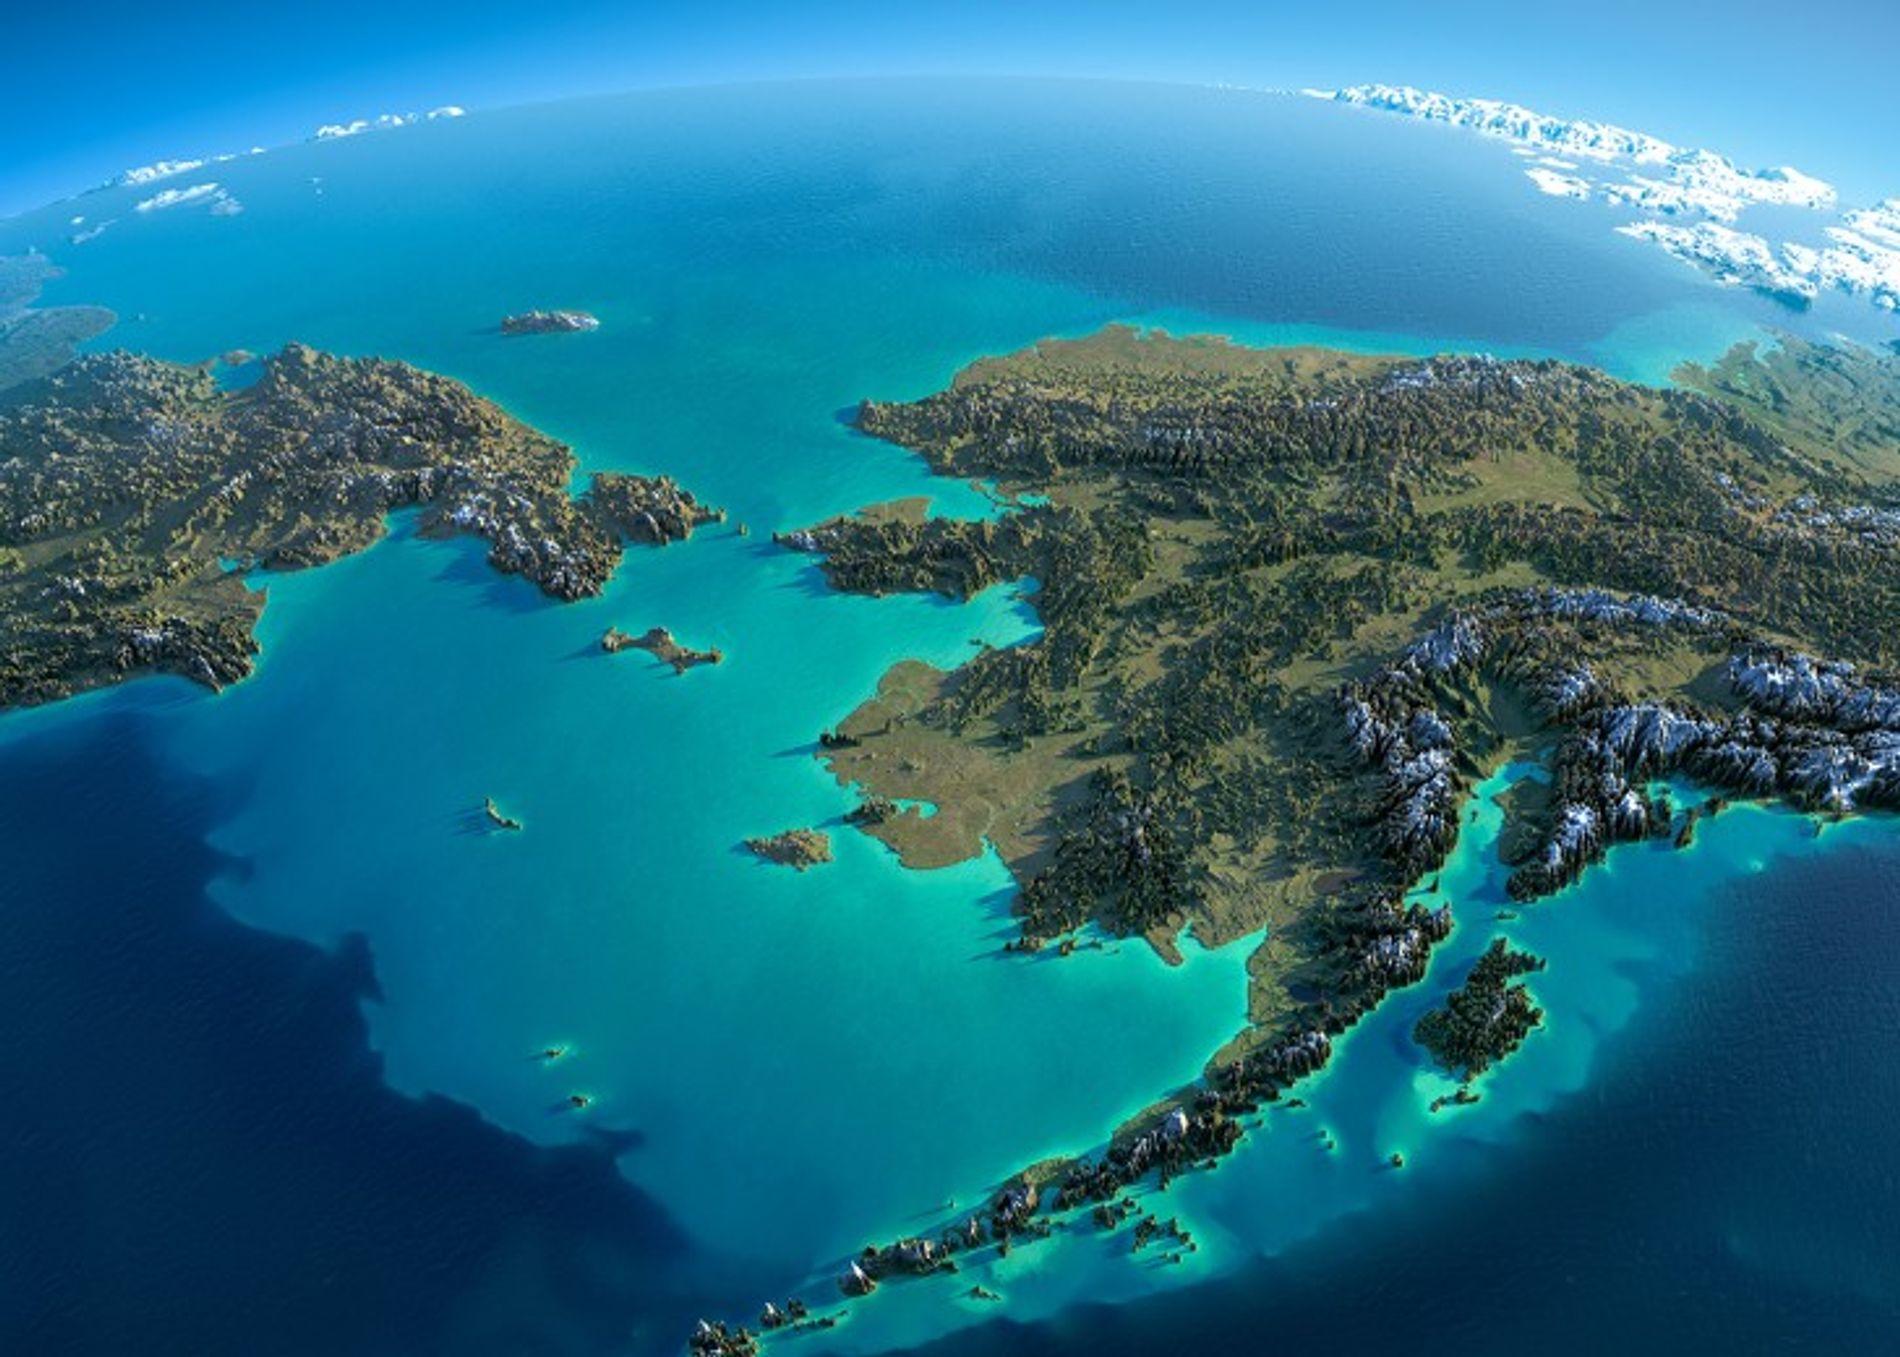 Le détroit de Béring, ou détroit de Behring, sépare d'environ 83 km la Sibérie orientale de ...